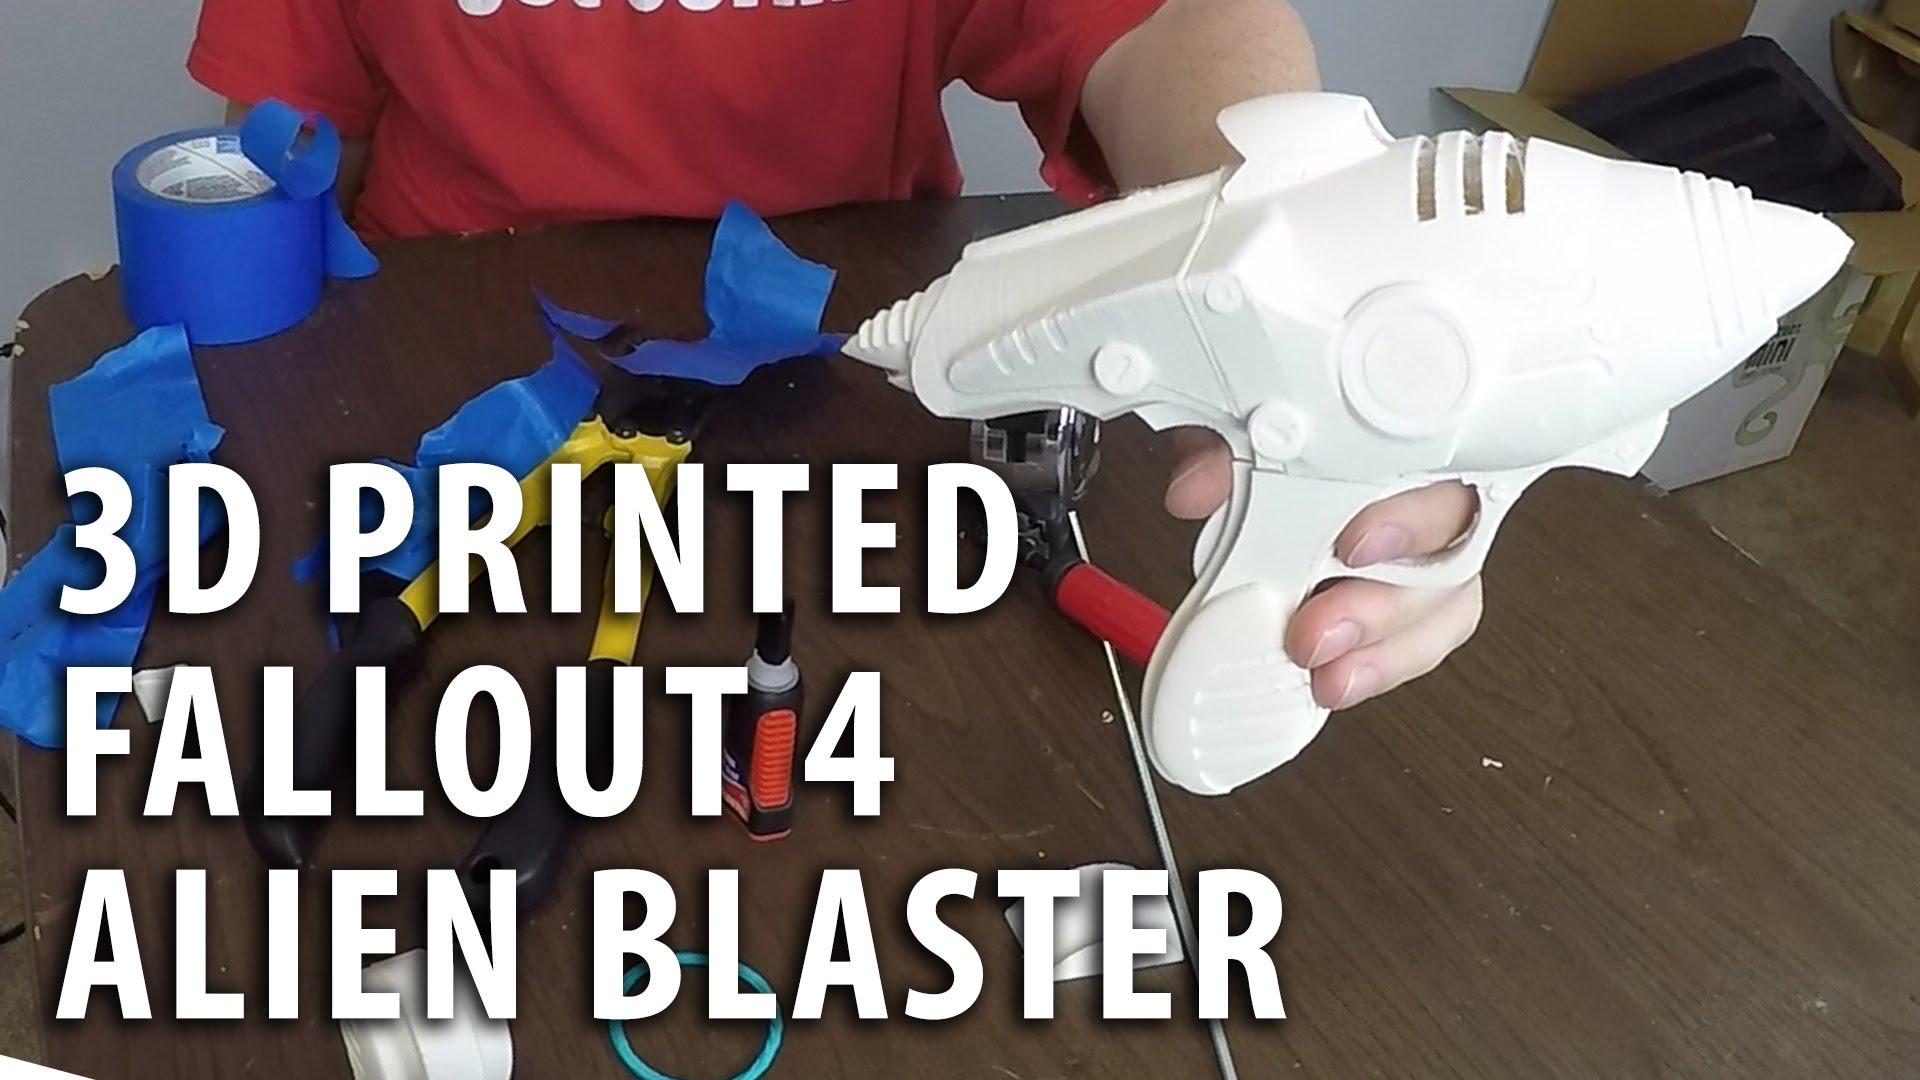 Assembling a 3D Printed Fallout 4 Alien Blaster